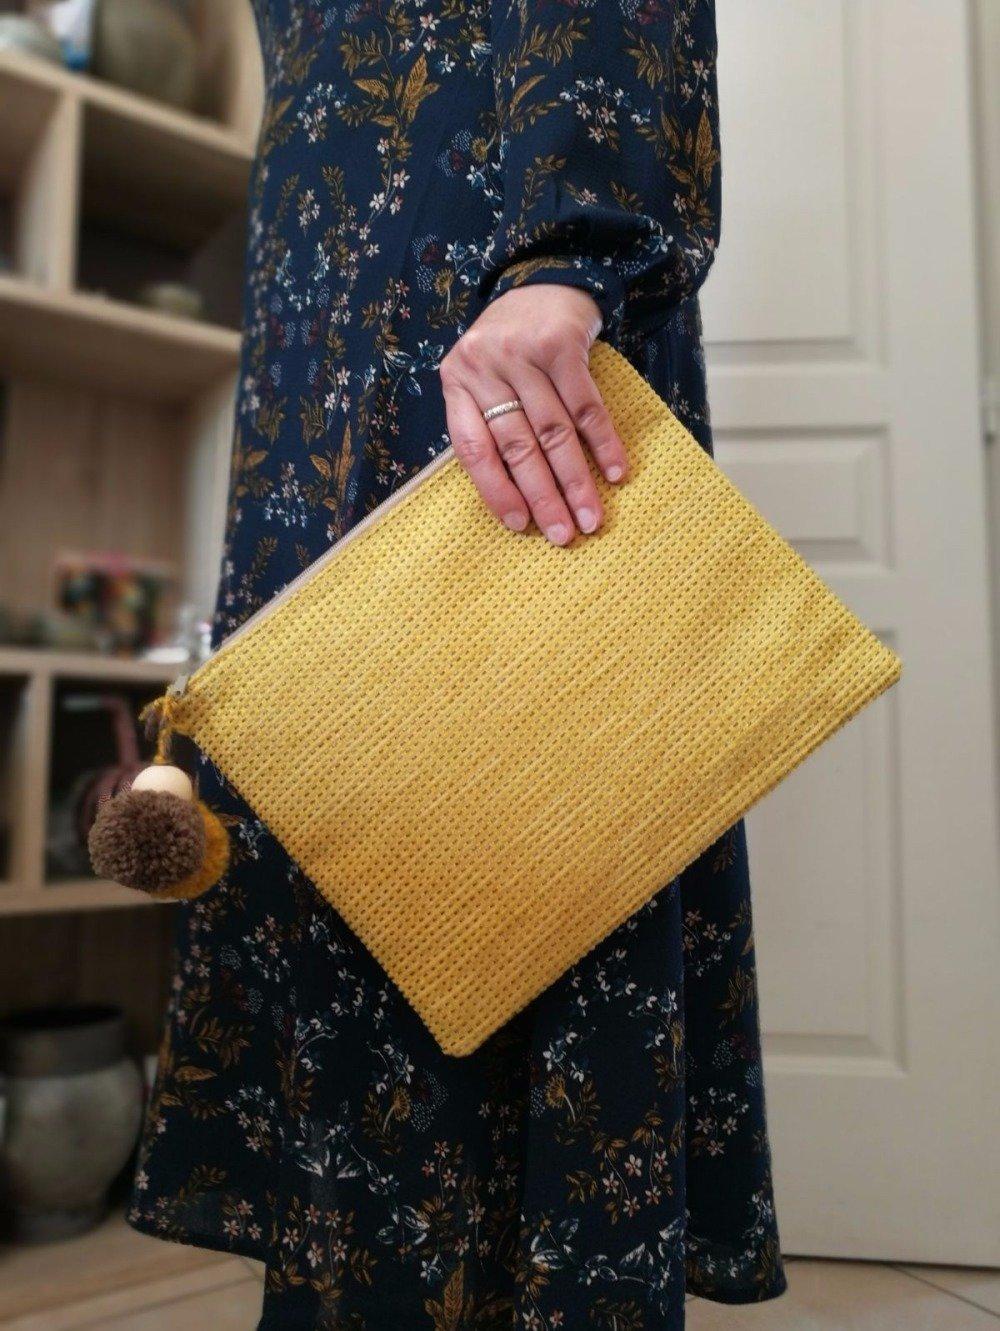 Pochette Jaune Moutarde - Jacquard et coton - pompons de laine